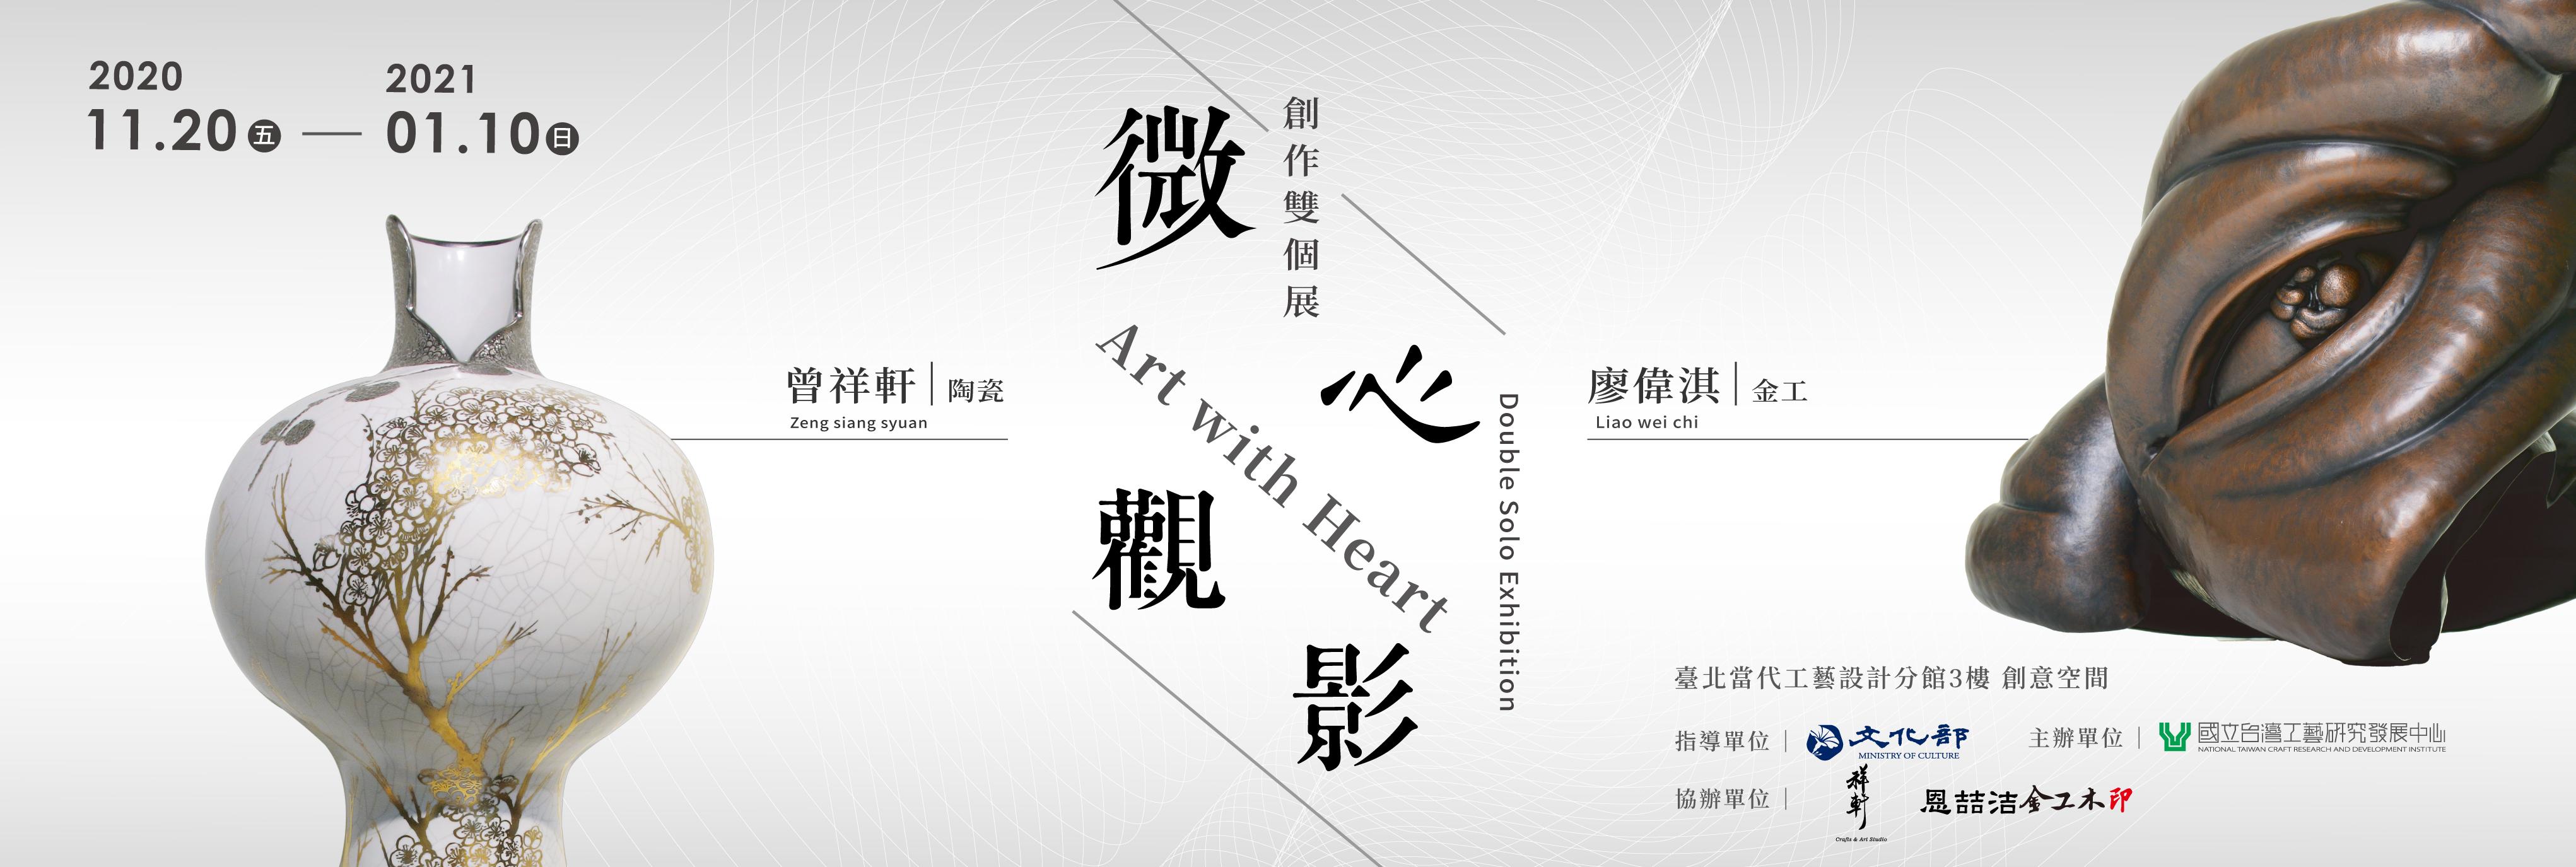 「微心。觀影」曾祥軒、廖偉淇 - 陶瓷金工創作雙個展 「另開新視窗」